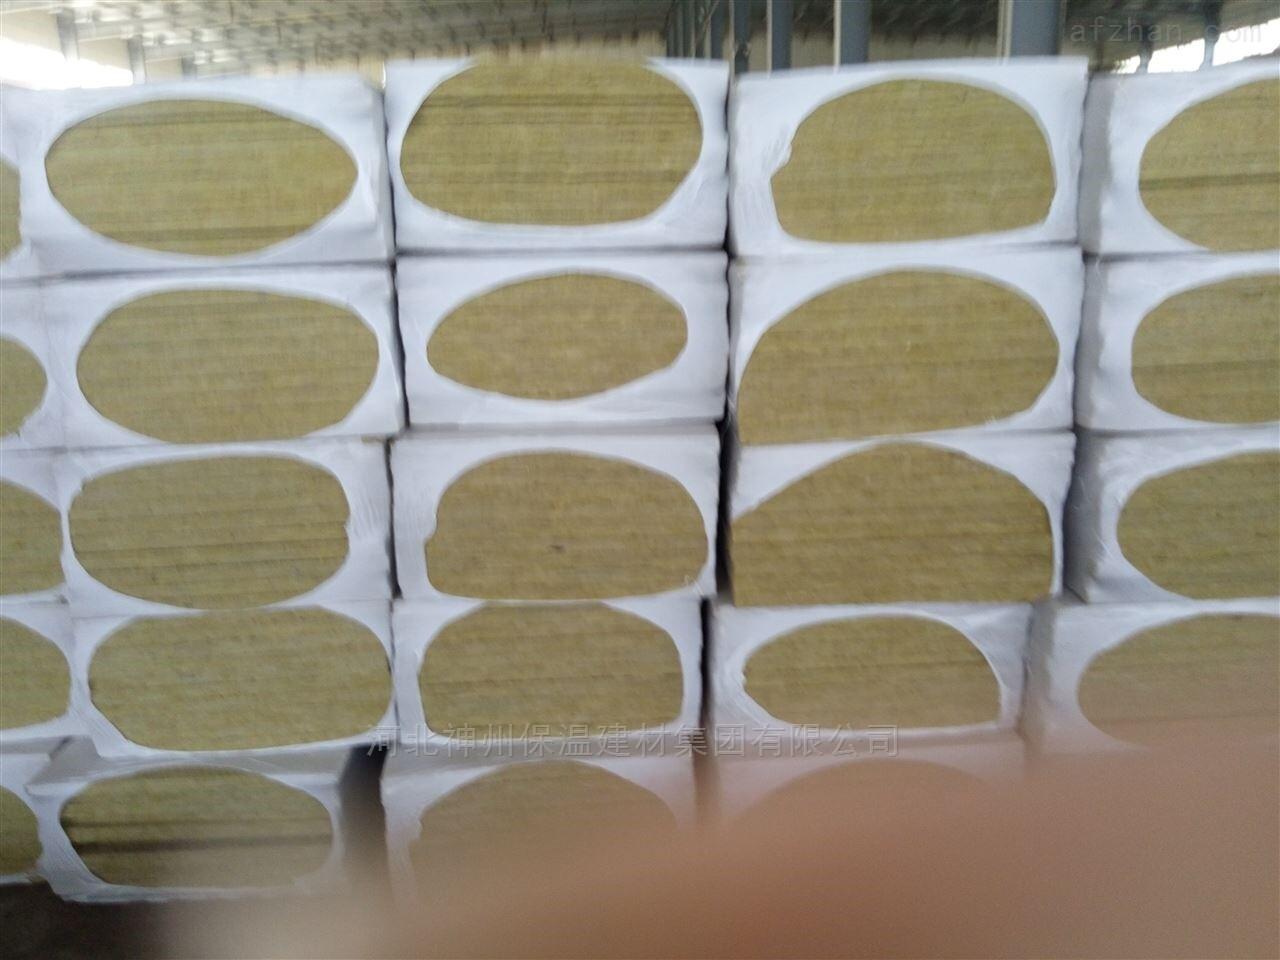 岩棉板价格2300一吨好品质普通矿棉价格优惠